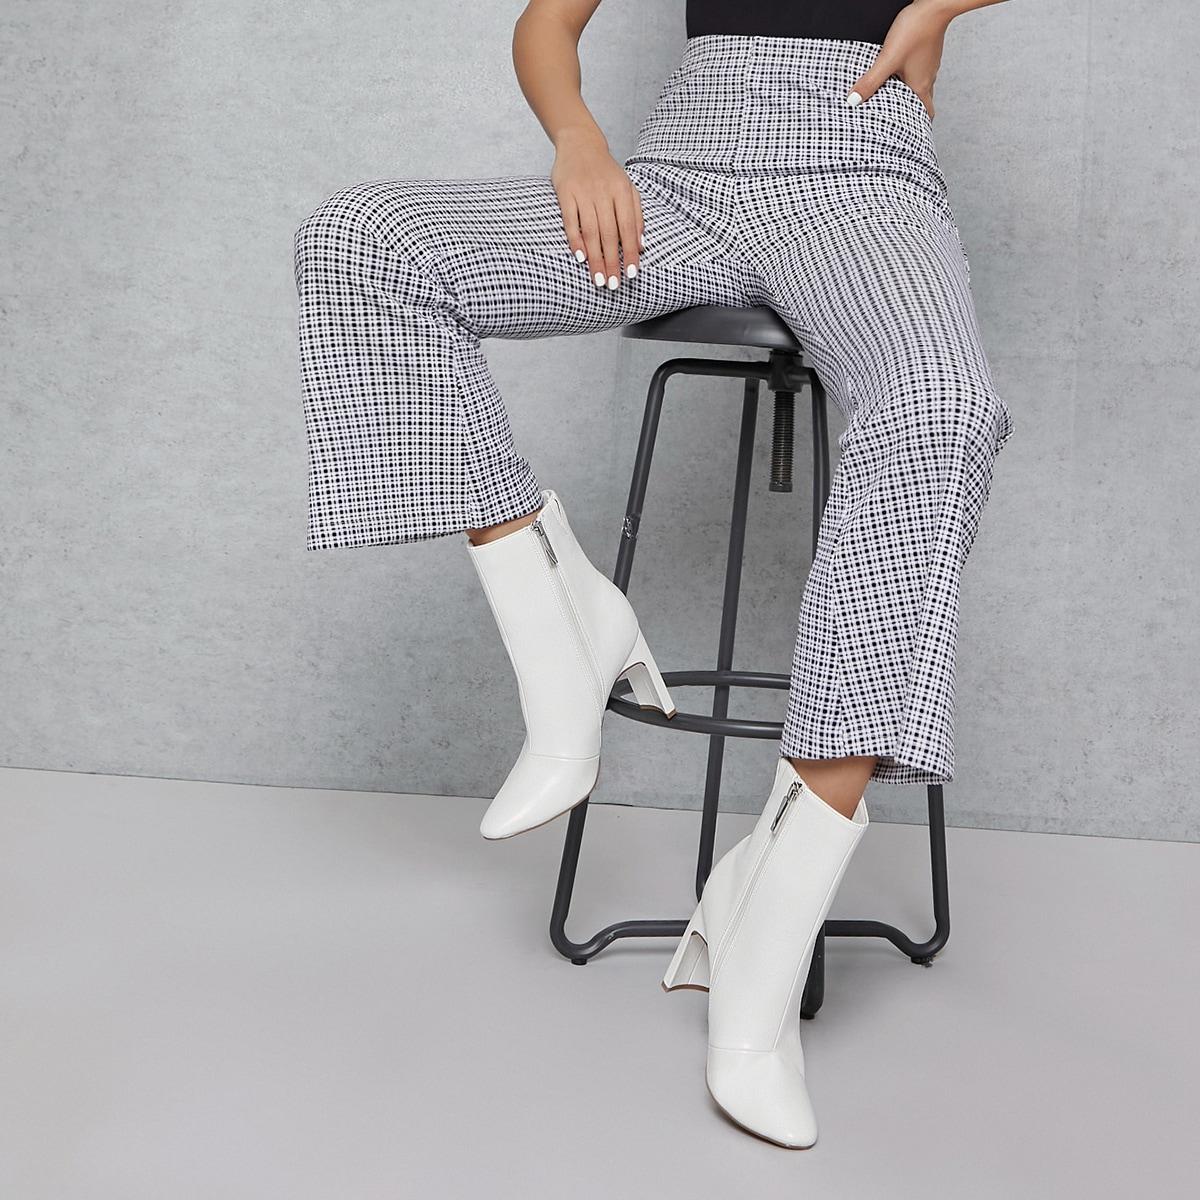 Сапоги на высоком каблуке из искусственной кожи